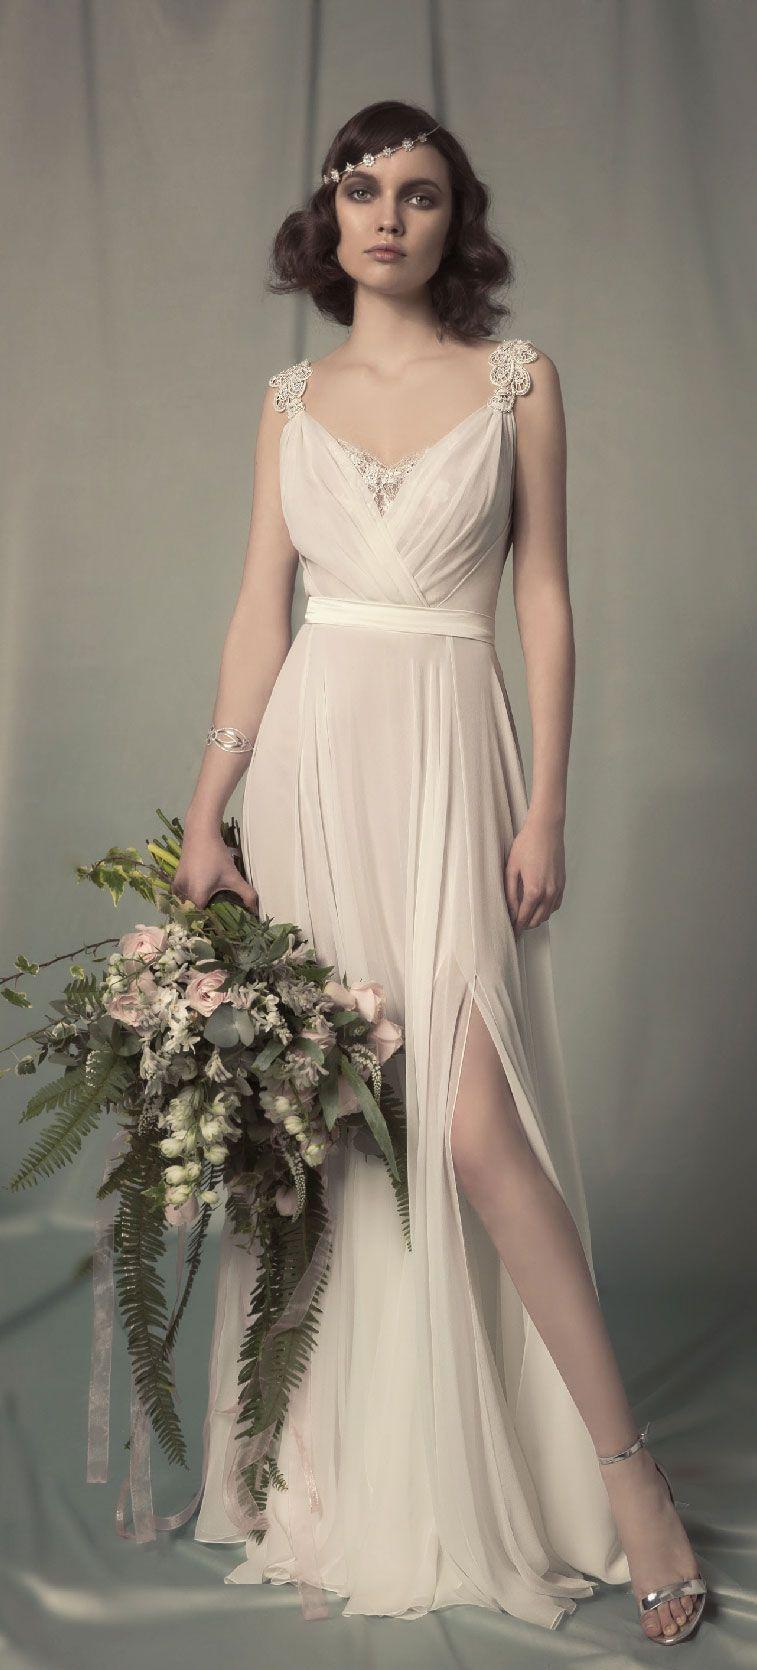 dd35c94b74 Hila Gaon 2018 Wedding Dresses  weddingdress  weddinggown  bridalgown   wedding  weddinggowns